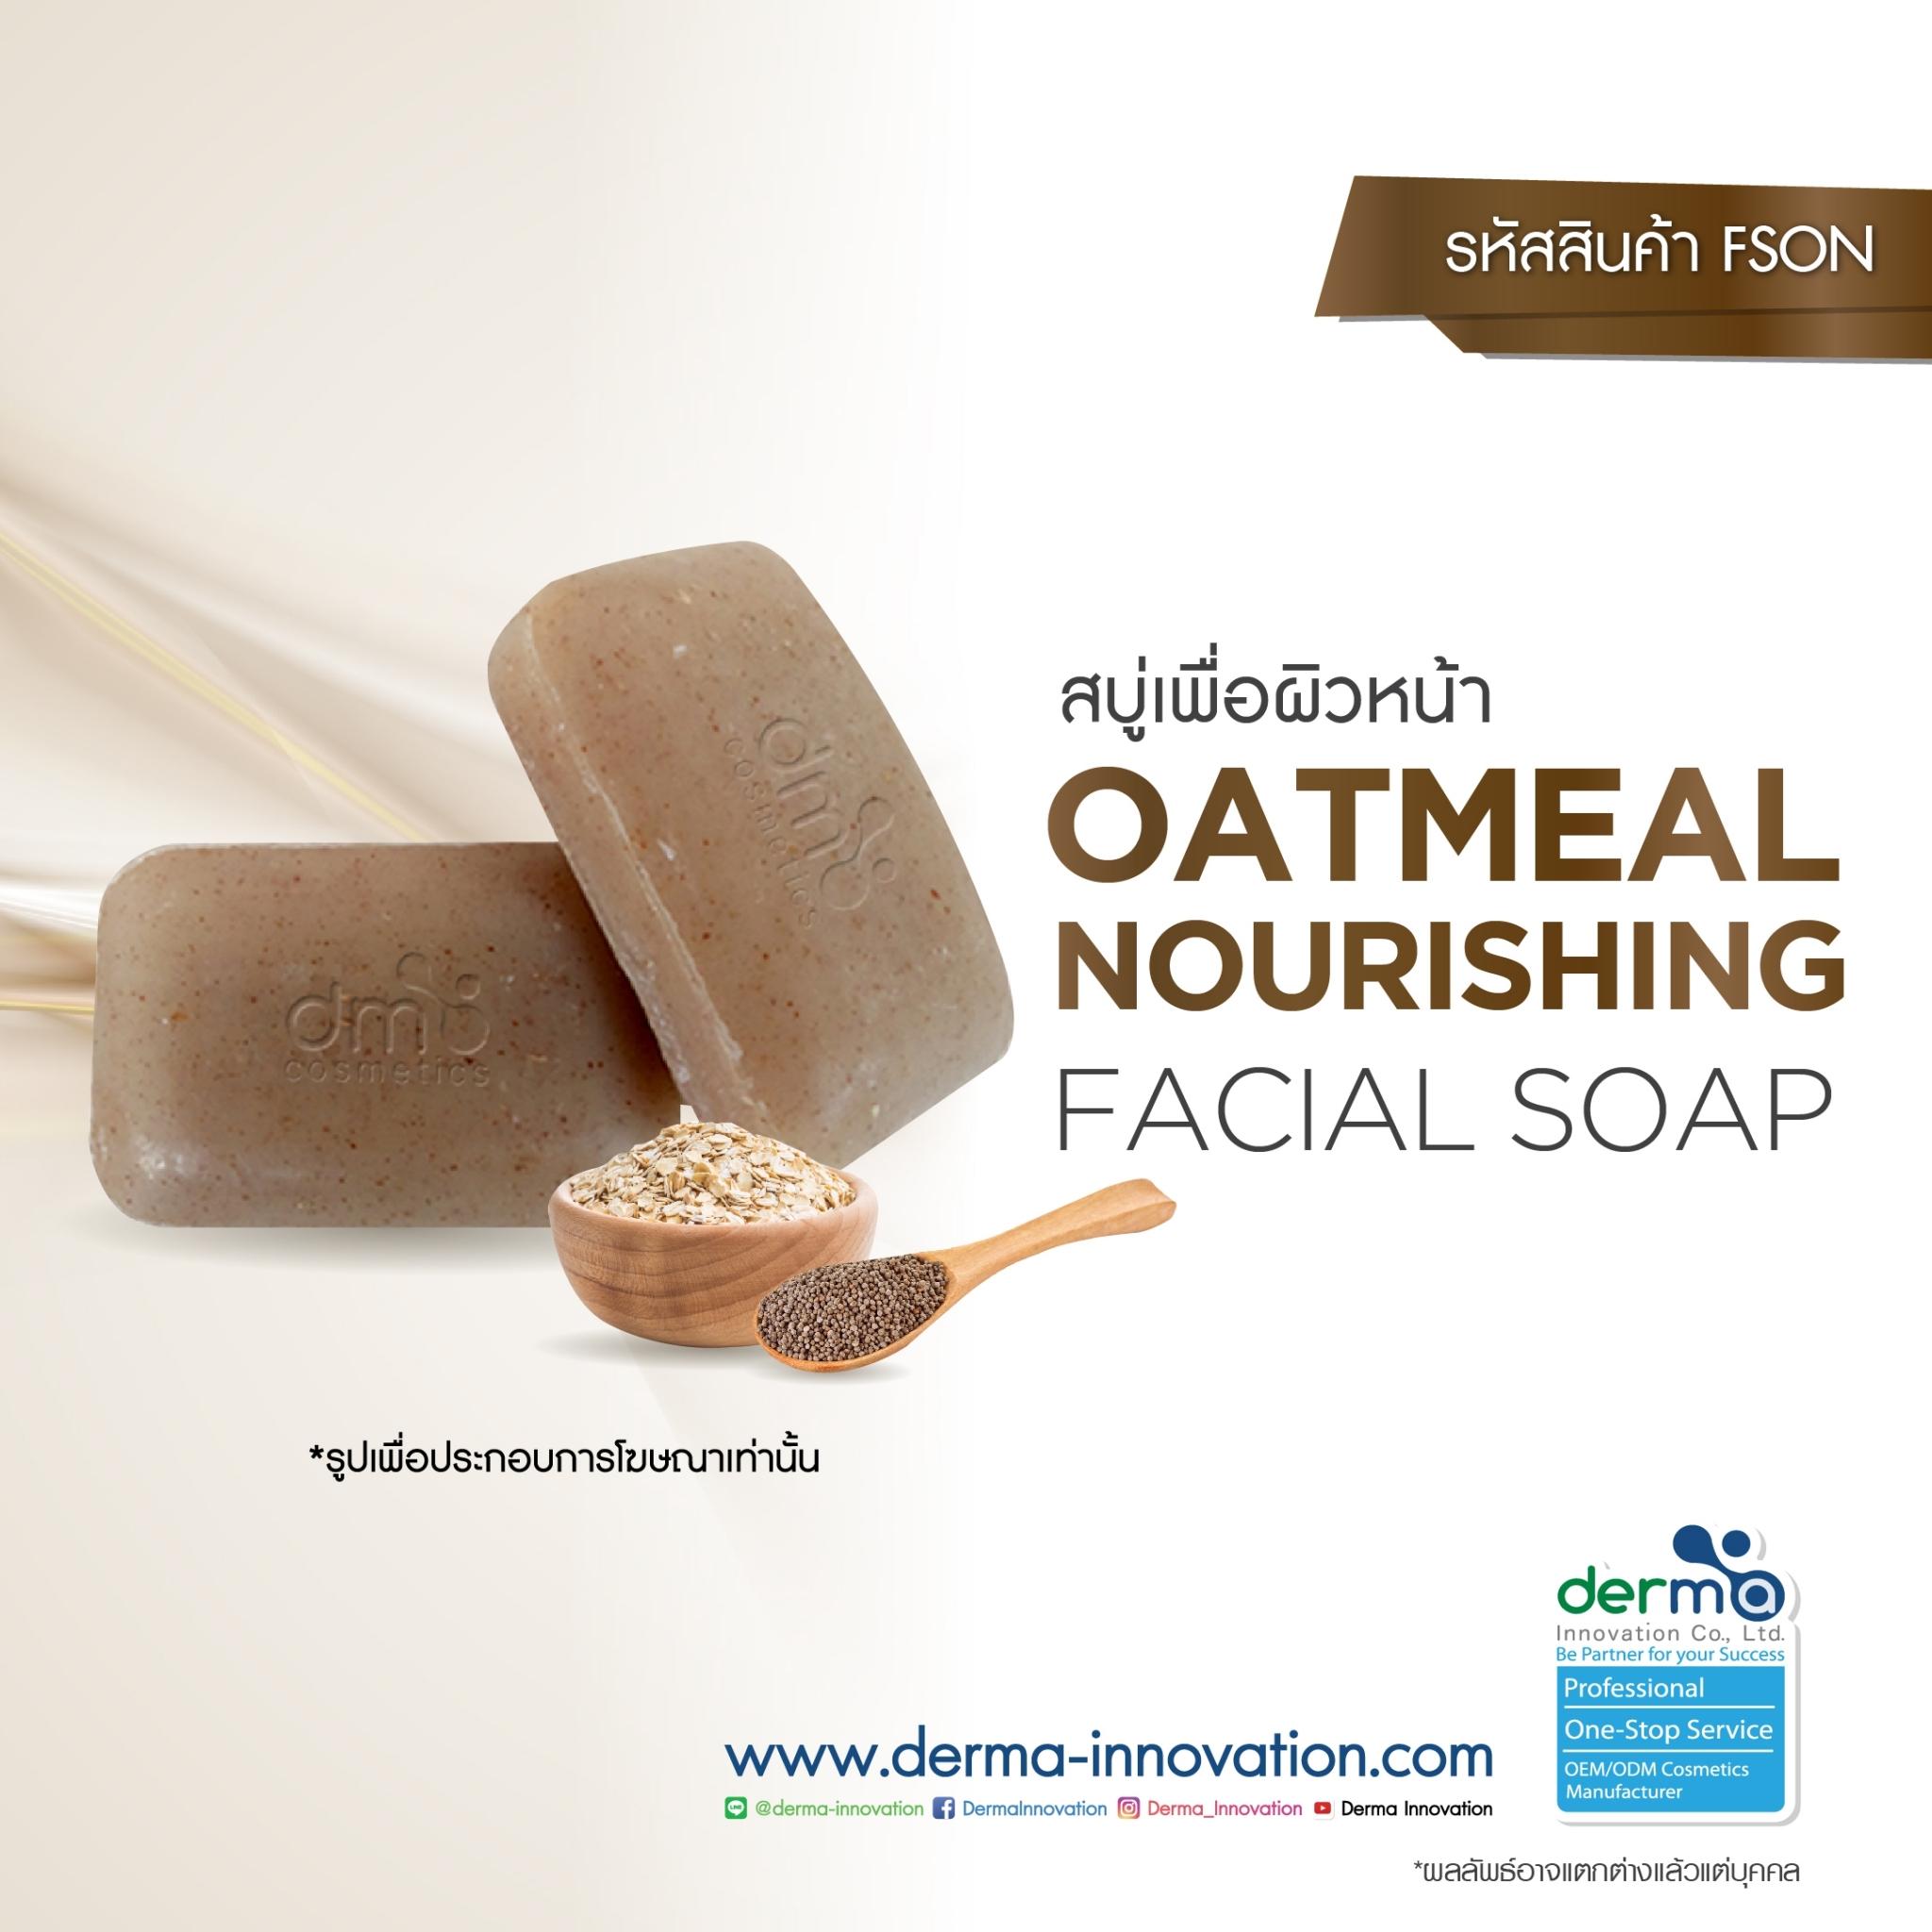 OATMEAL NOURISHING FACIAL SOAP